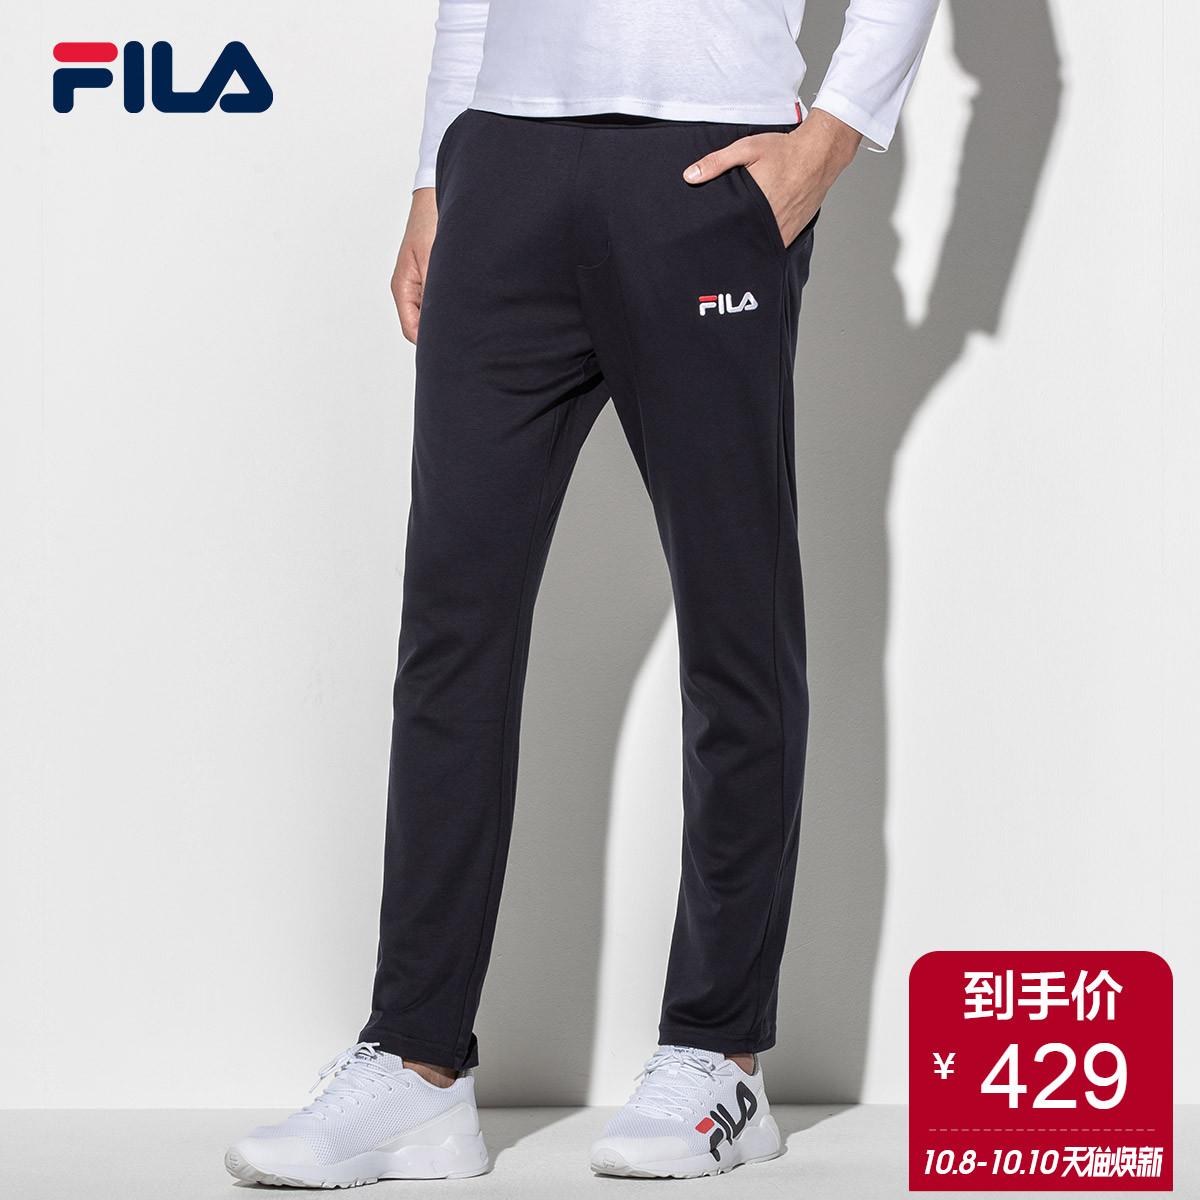 FILA斐乐男运动长裤 官方正品2018秋季新款潮流运动休闲长裤男